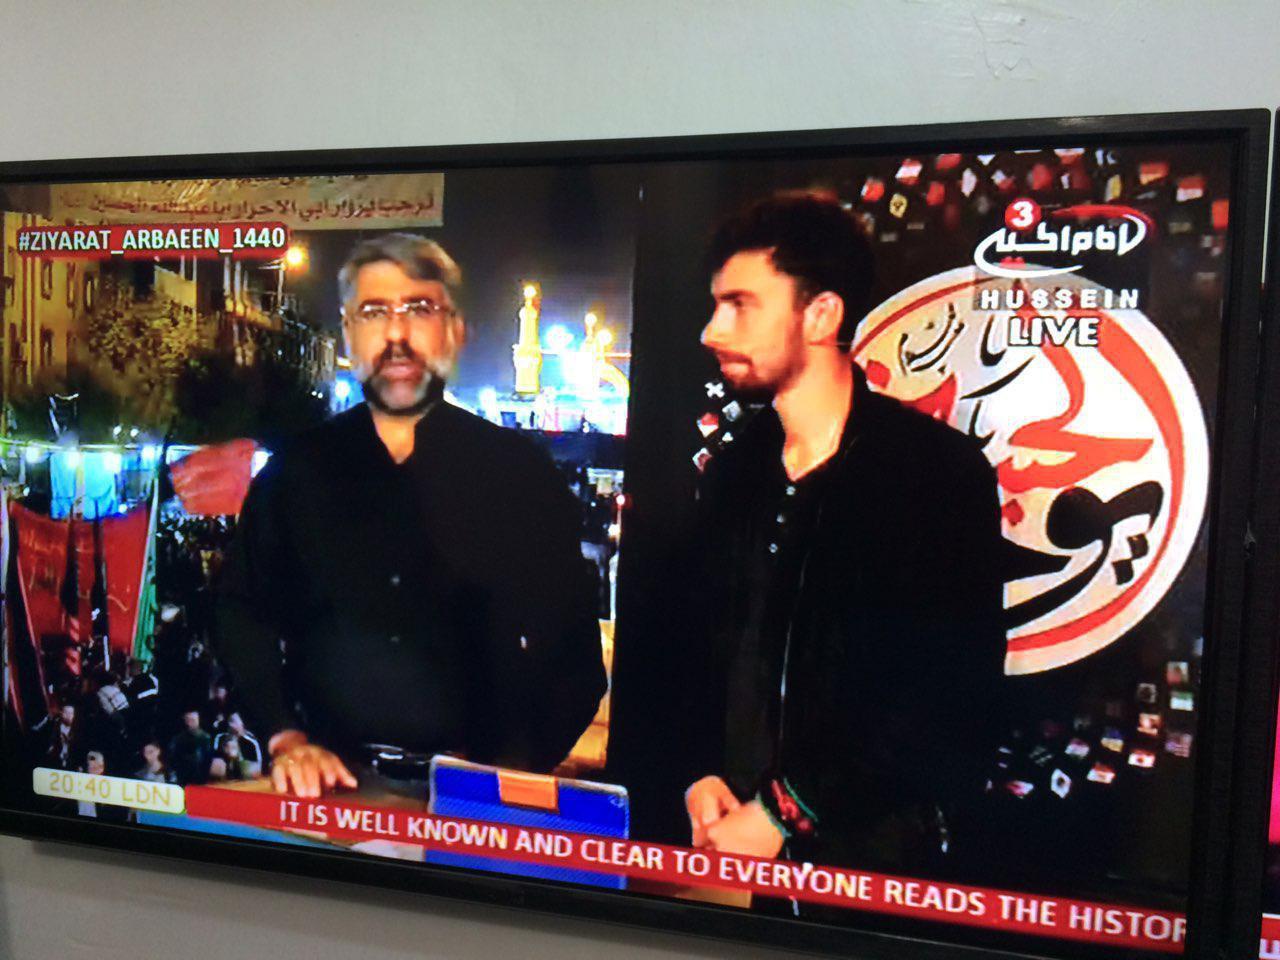 صورة شاب الماني يعلن اسلامه عبر قناة الامام الحسين عليه السلام الثالثة